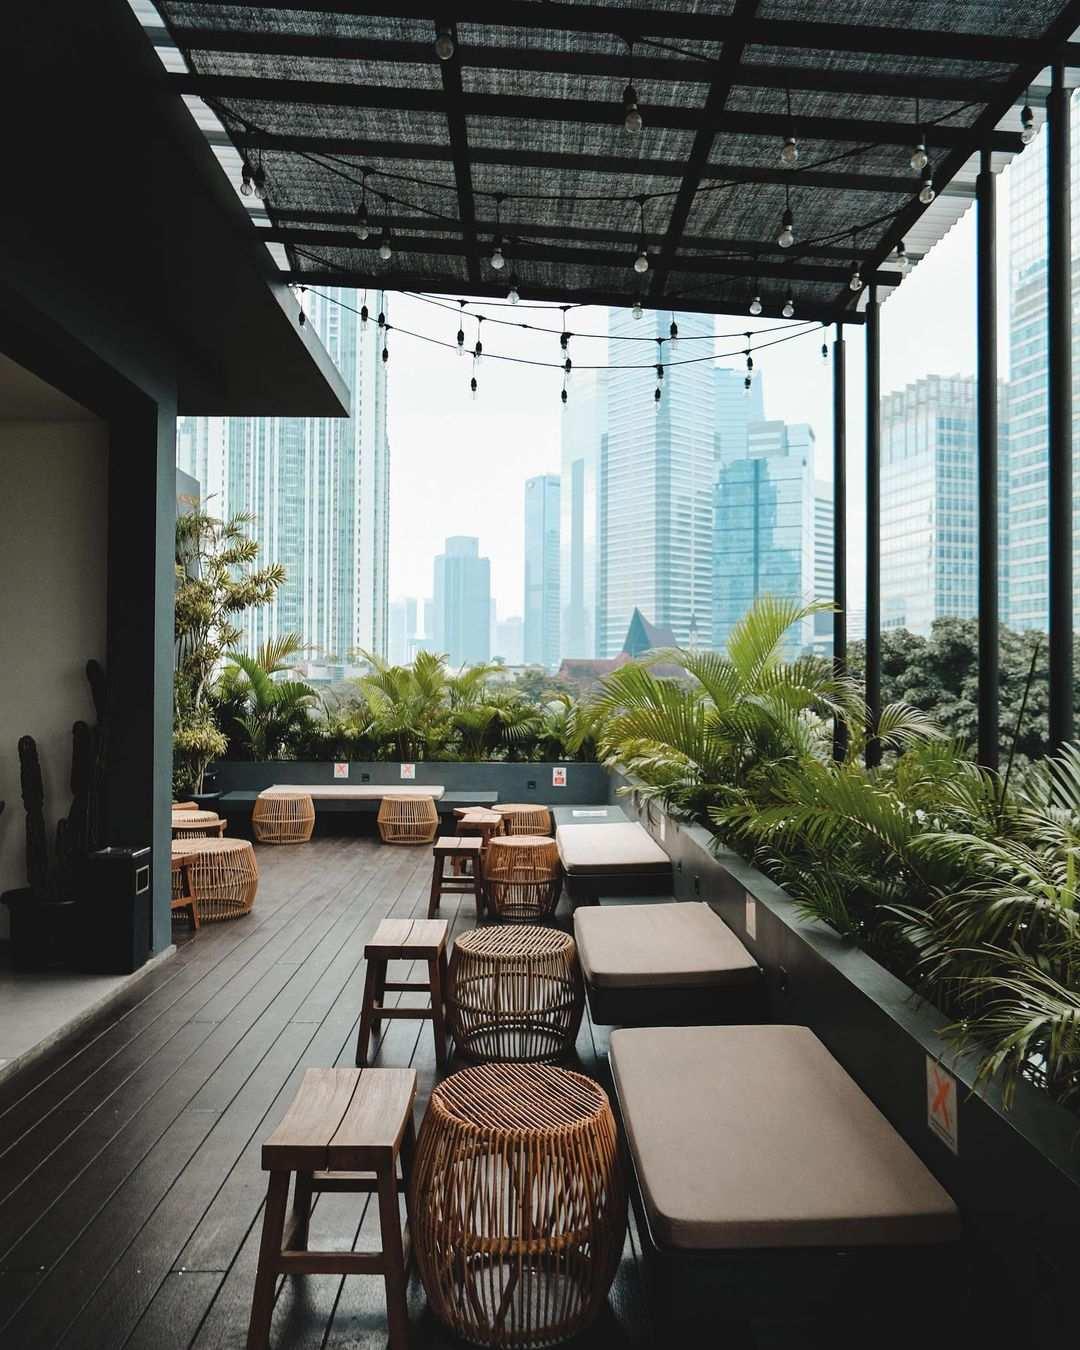 Pemandangan Kota Di La Boheme Cafe Image From @nandarasman